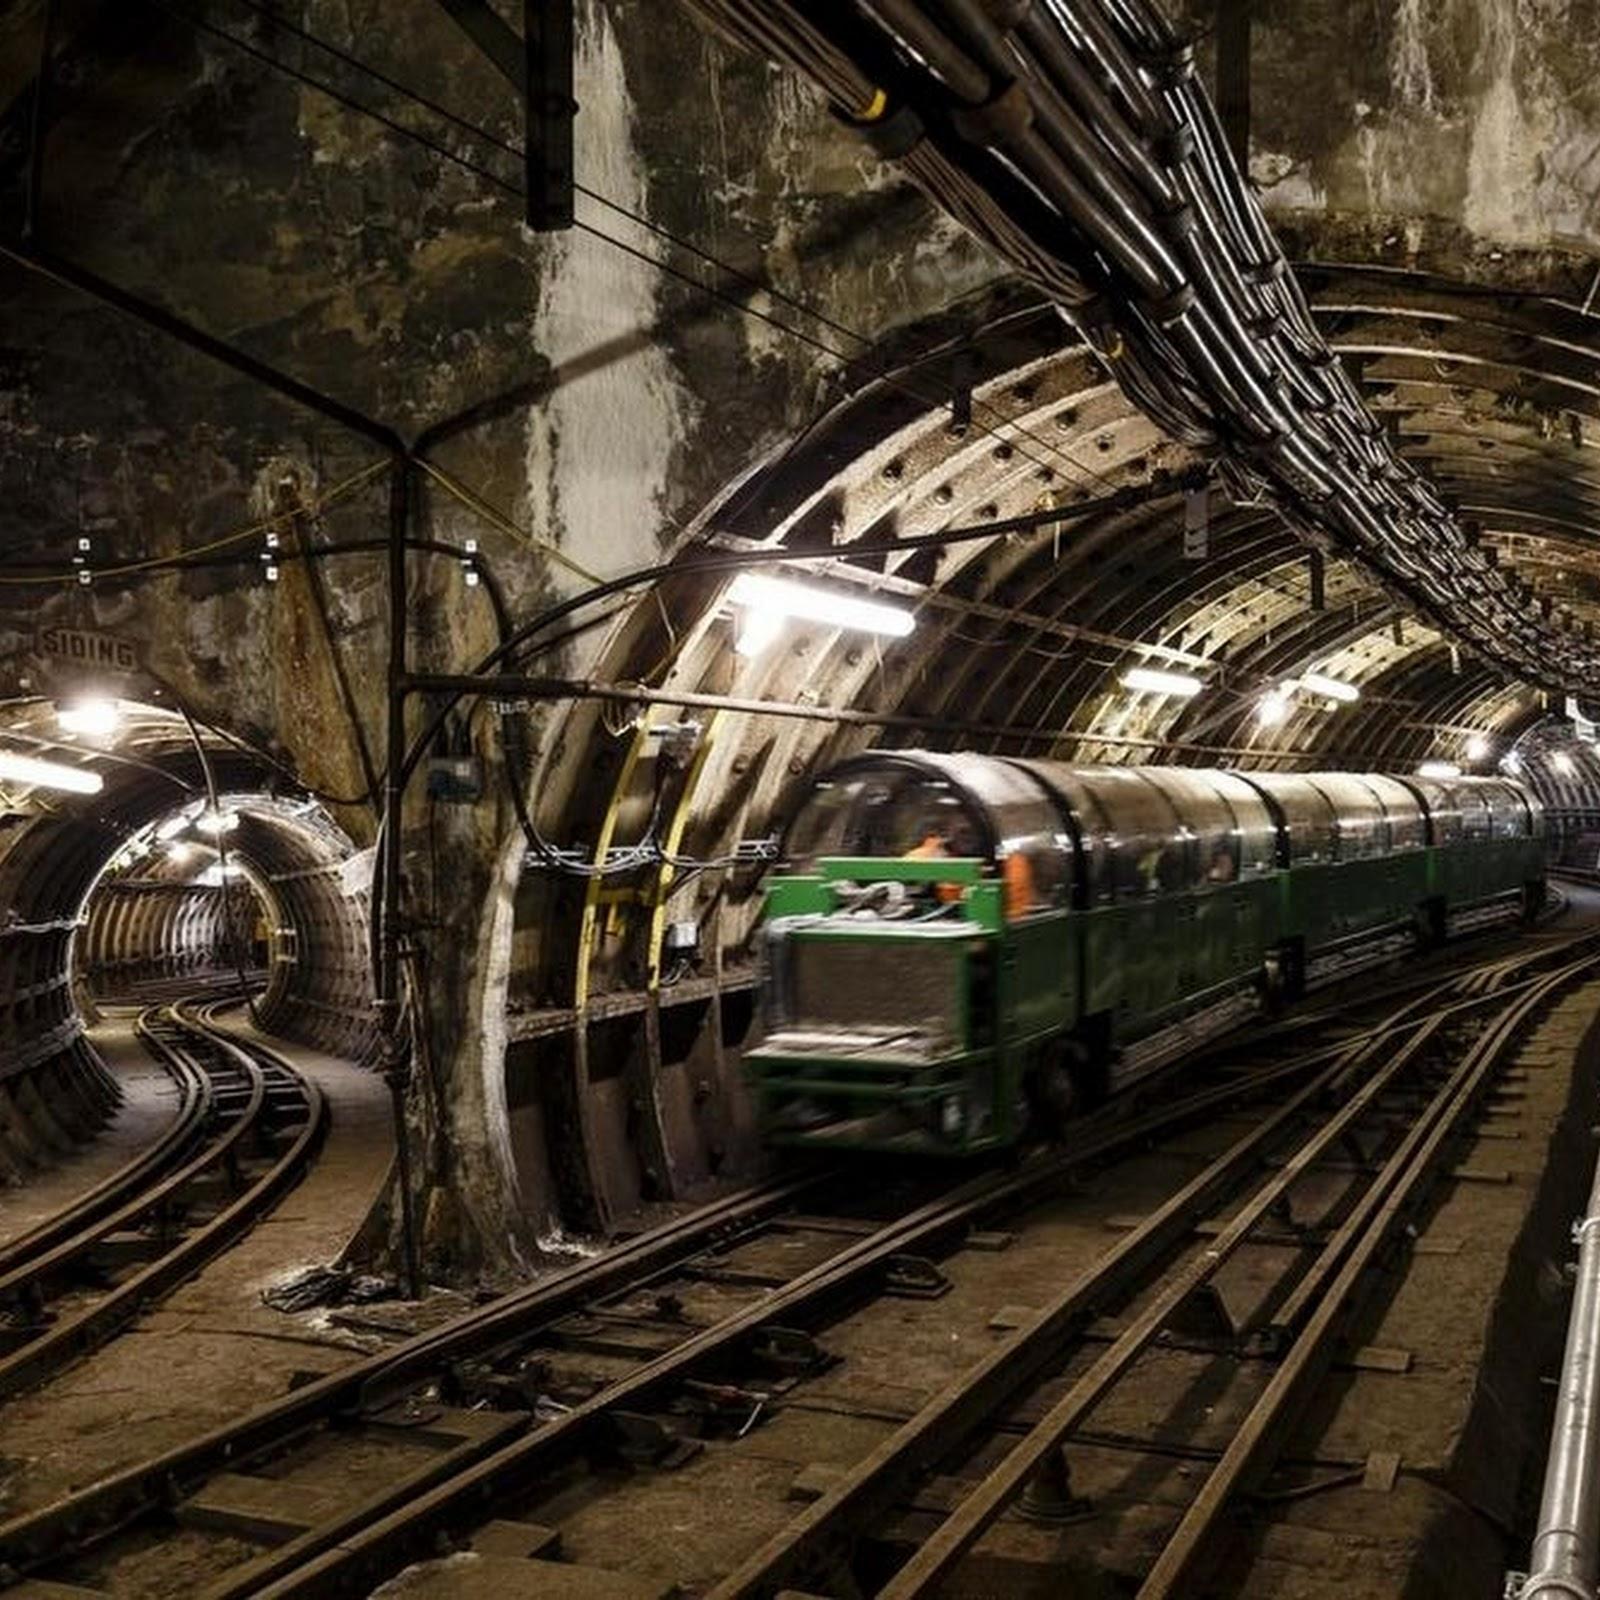 London's Mail Rail